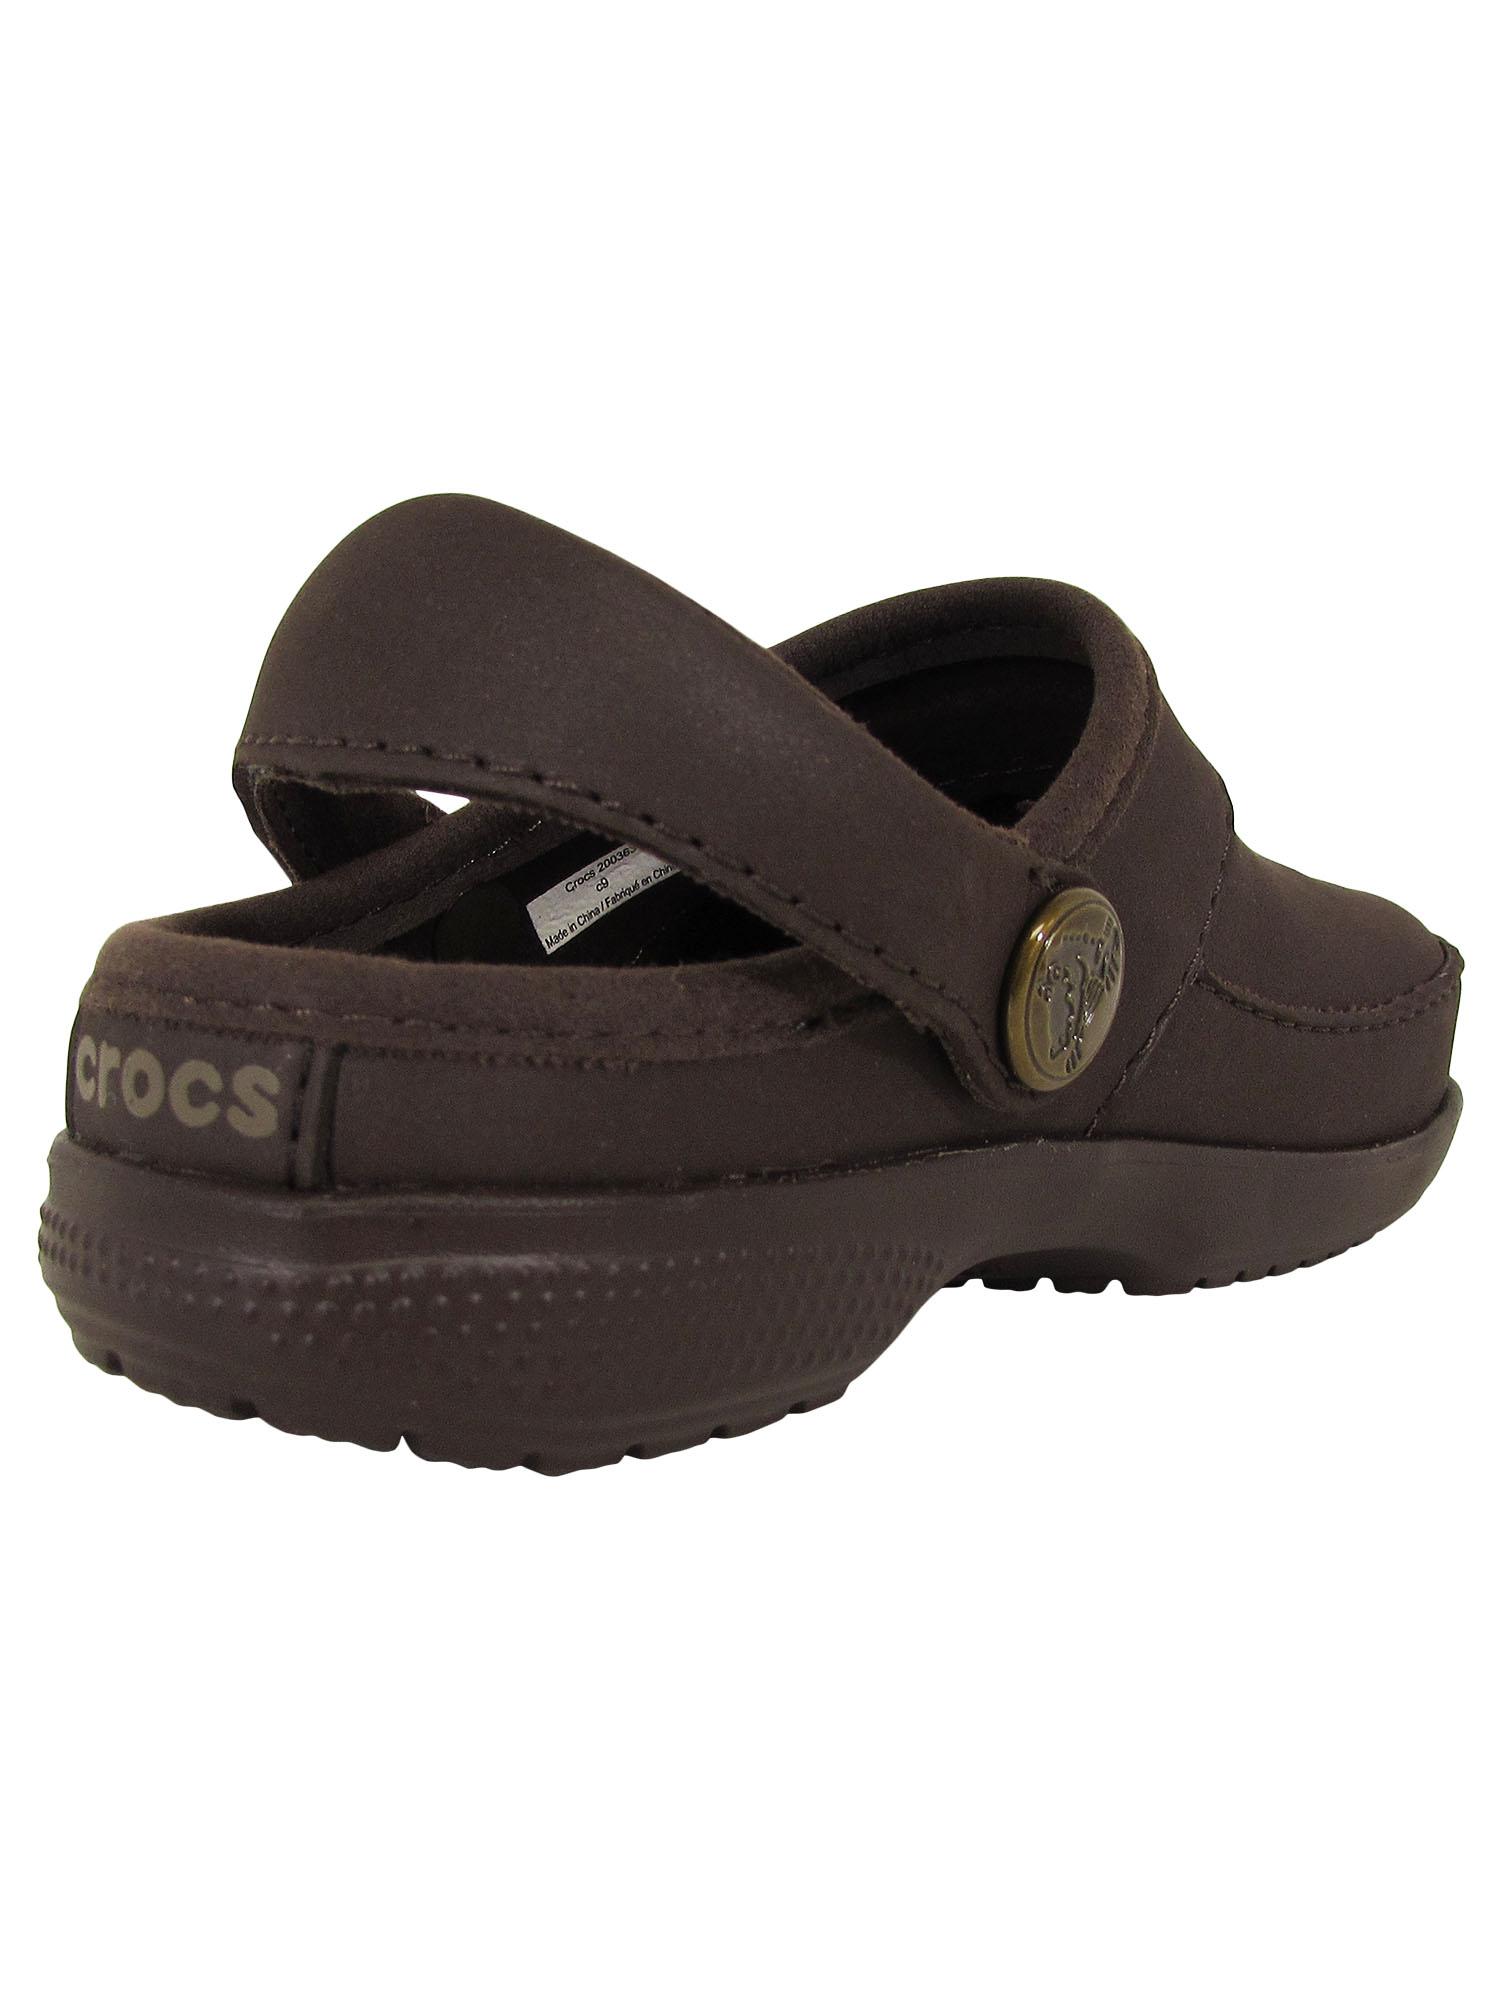 Crocs-Kids-ColorLite-Clog-Shoes thumbnail 4